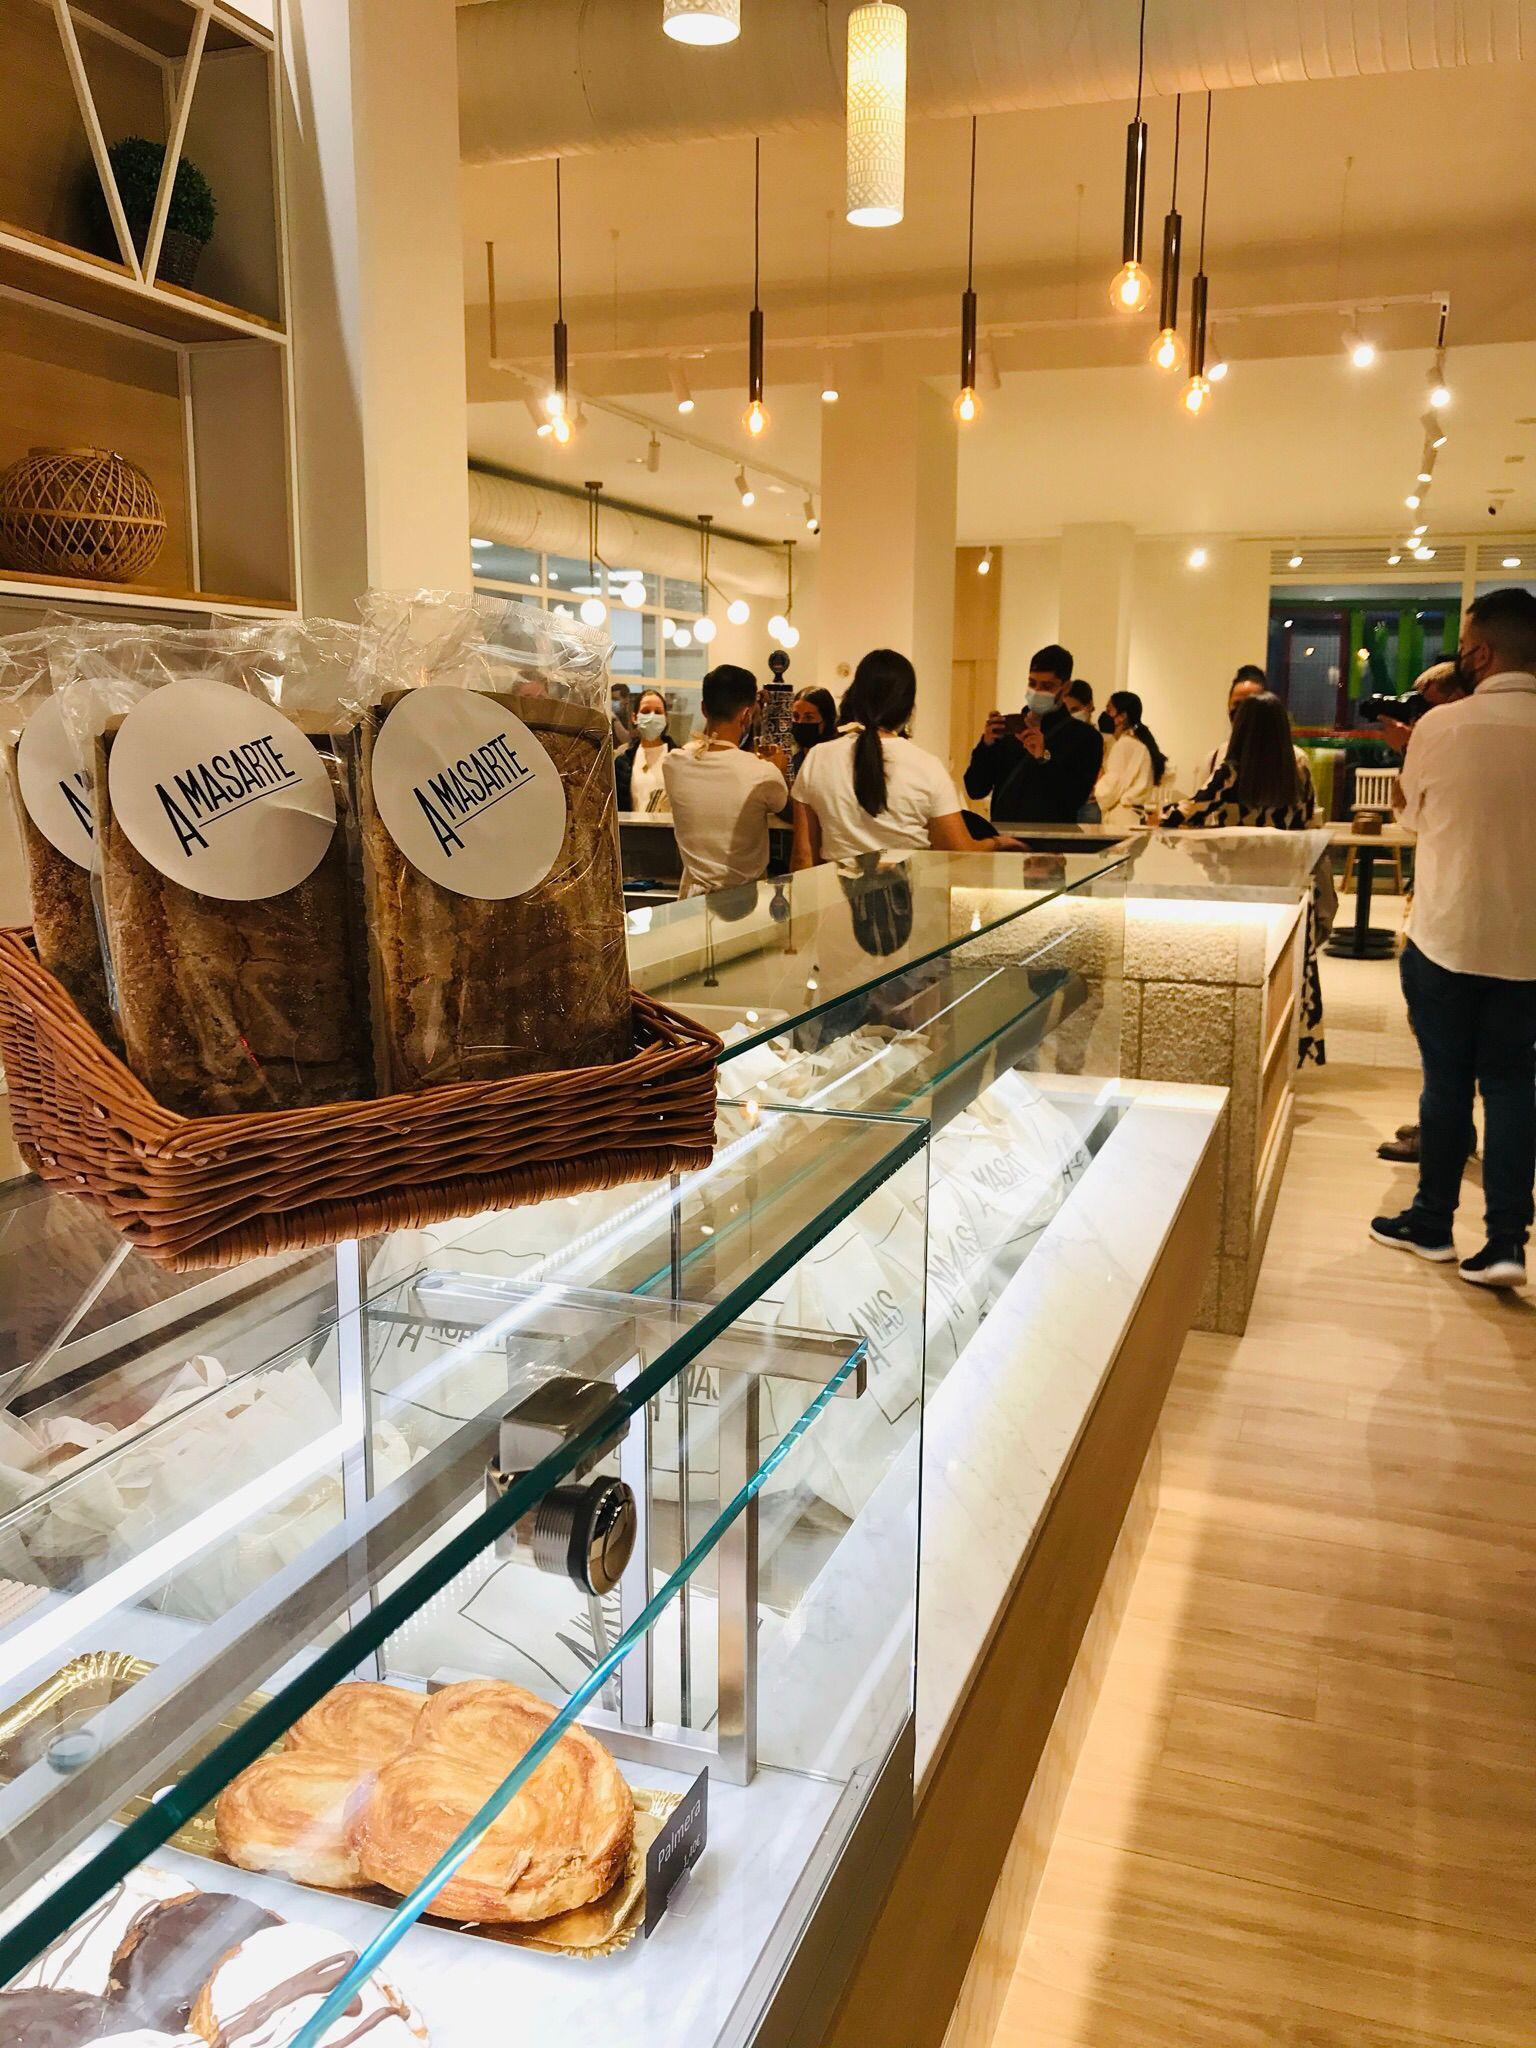 El Grupo 'MejorconPan' abre una nueva tienda 'Amasarte' en Galicia